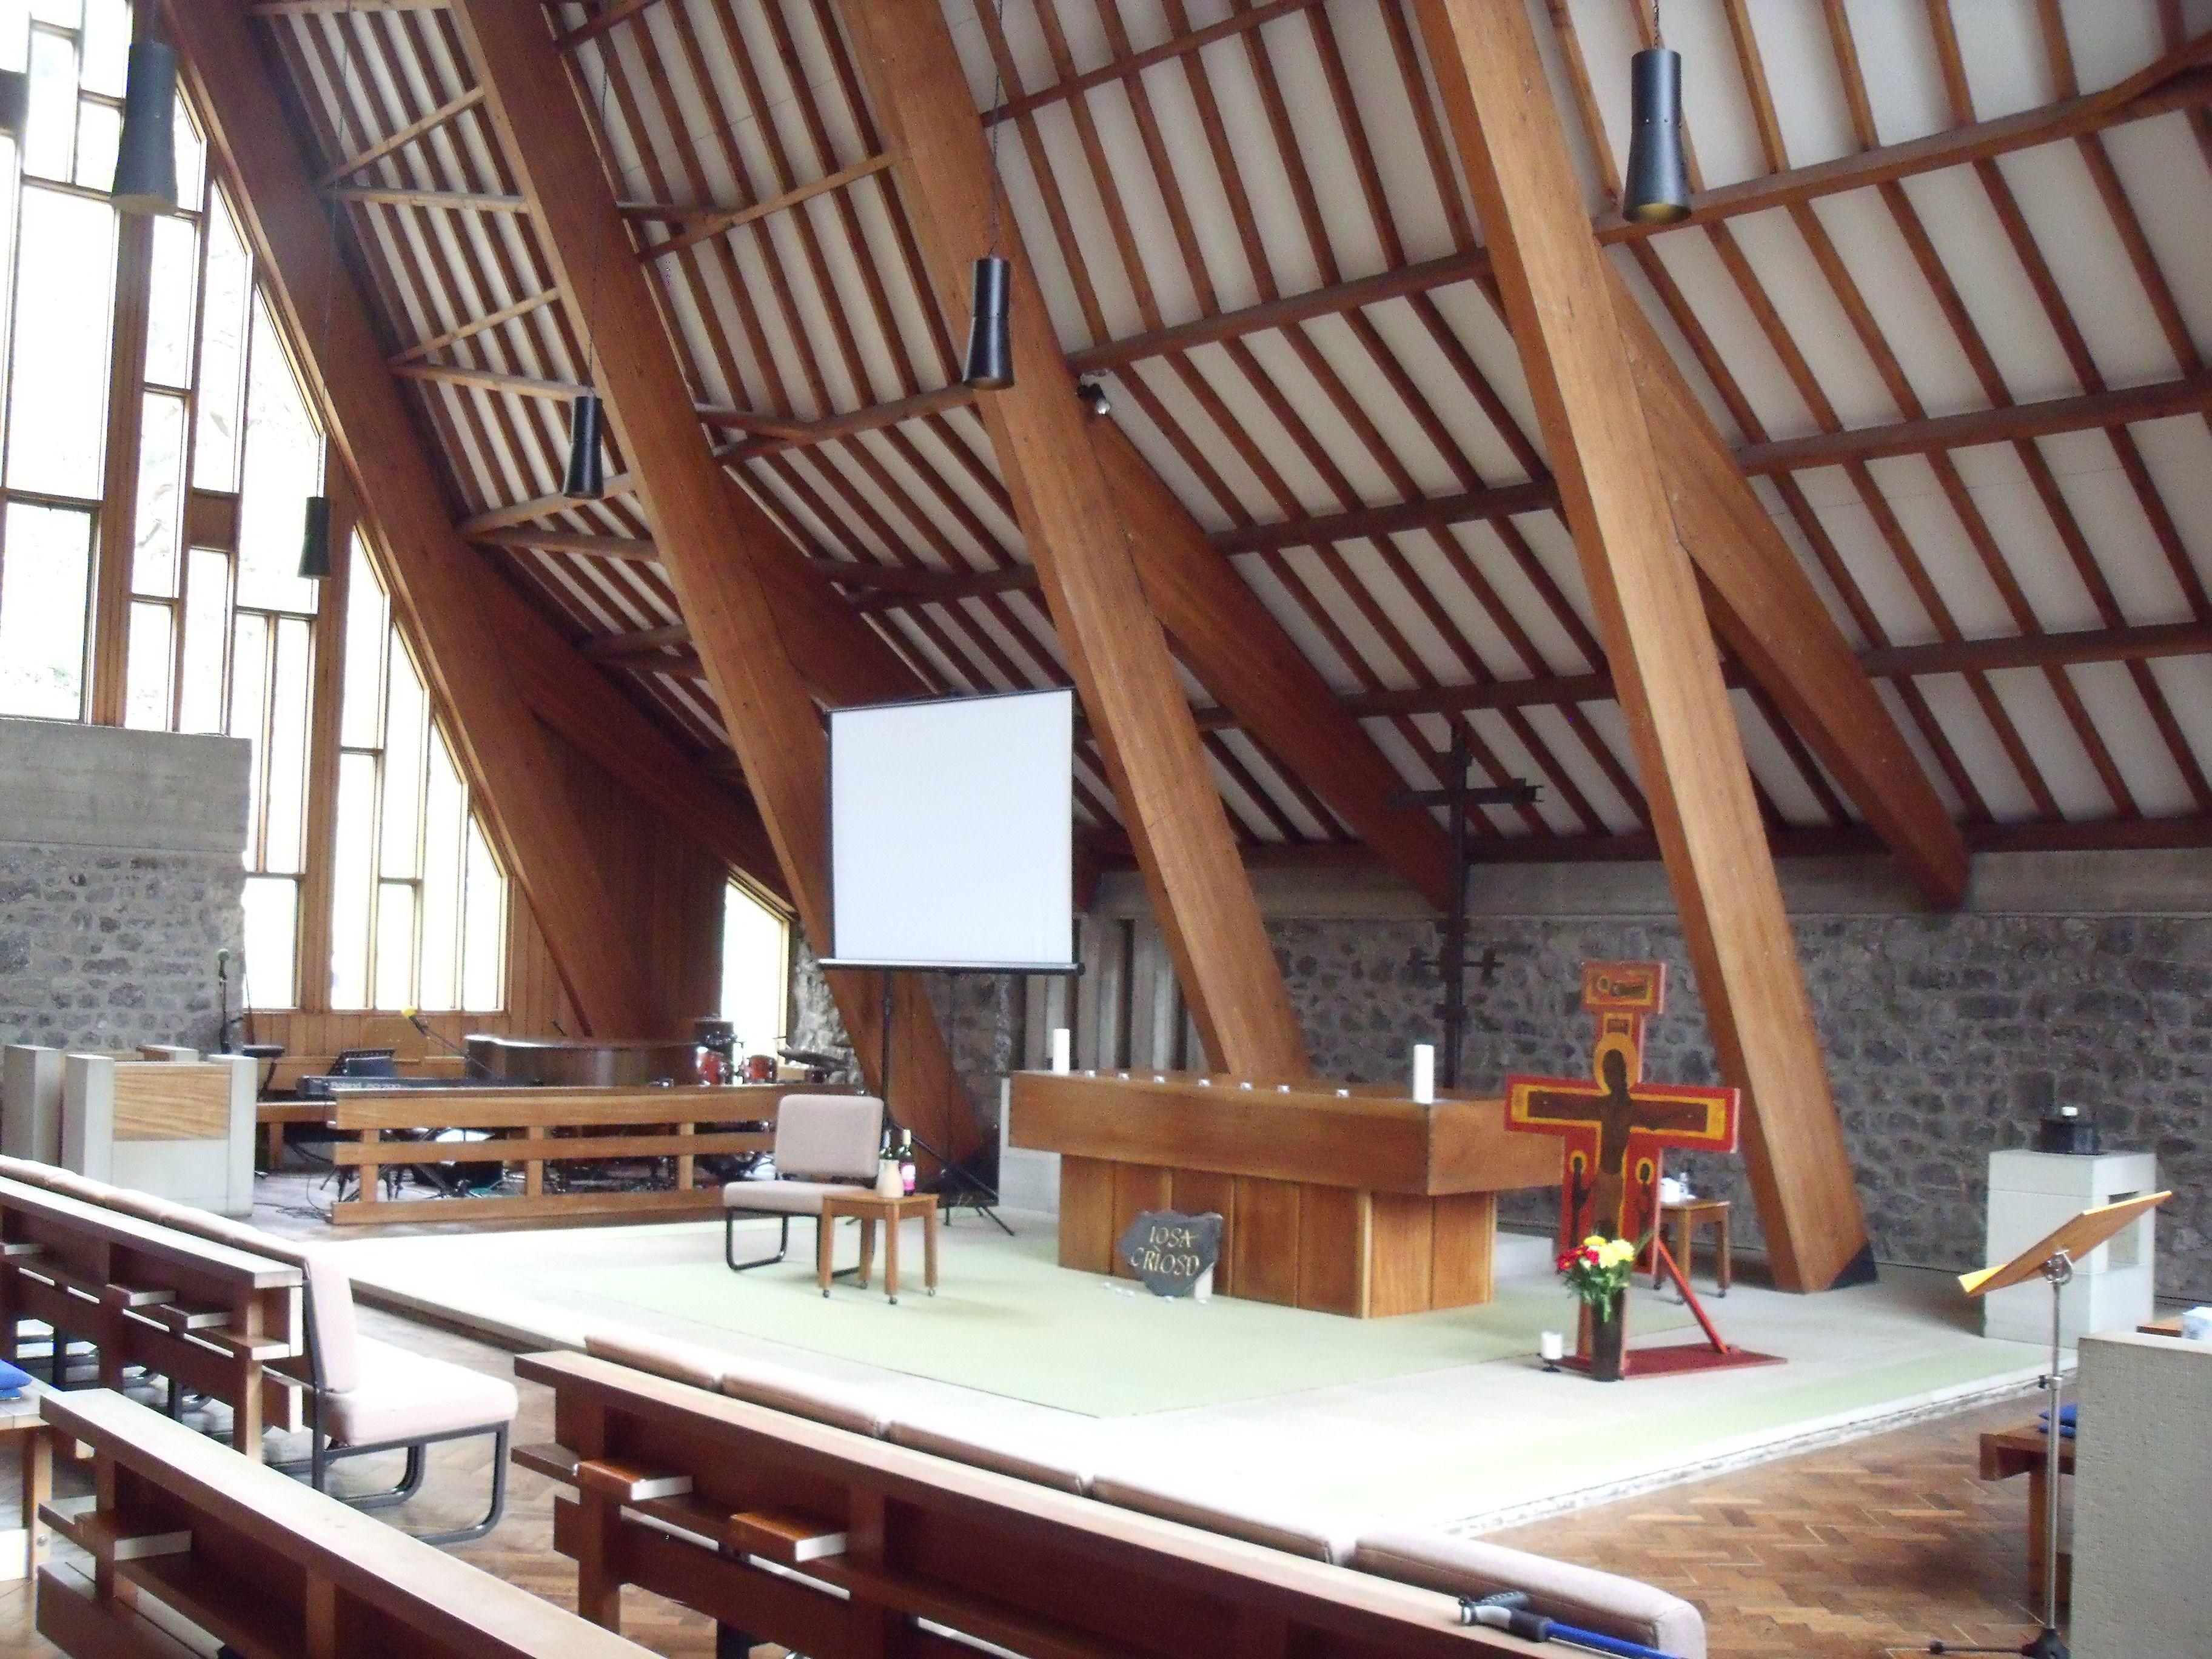 Scargill Chapel Amazing Space Creaks Like A Ship When It S Windy Amazing Spaces Space Chapel